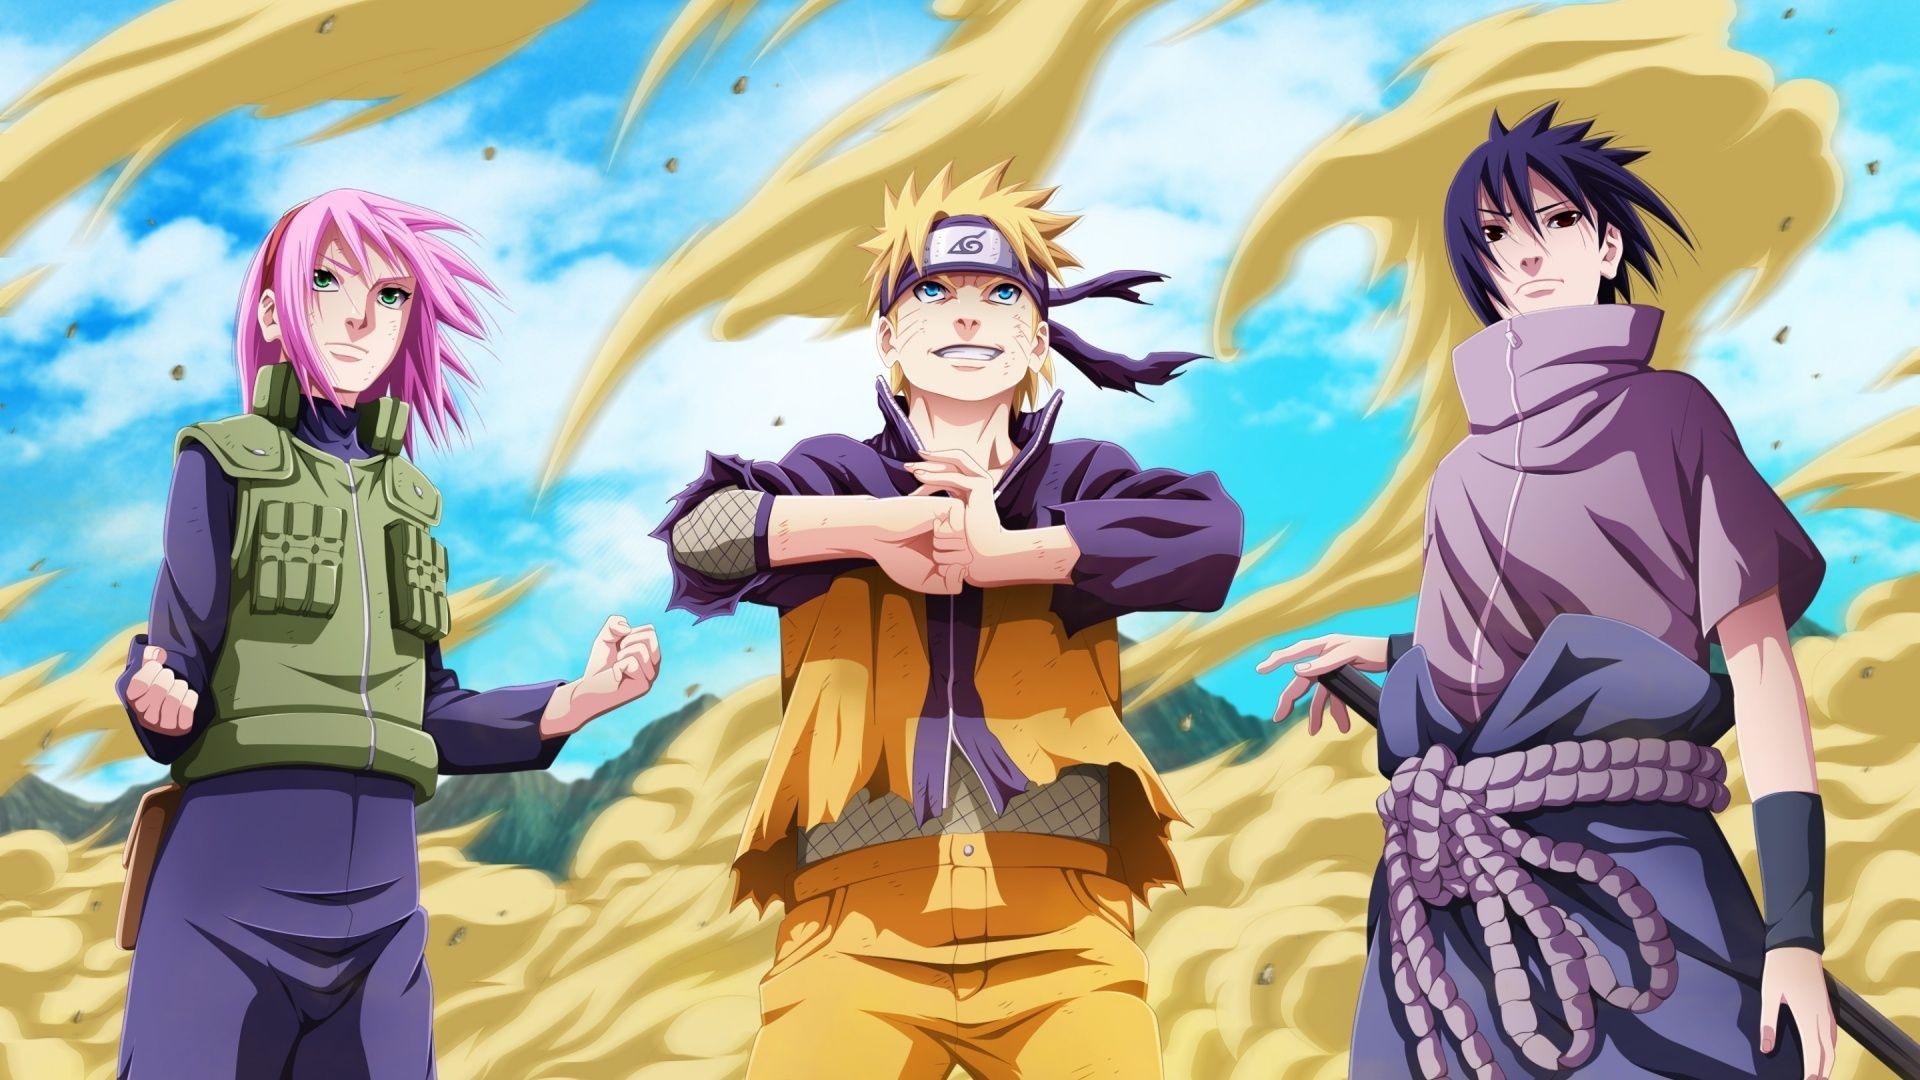 Naruto best background